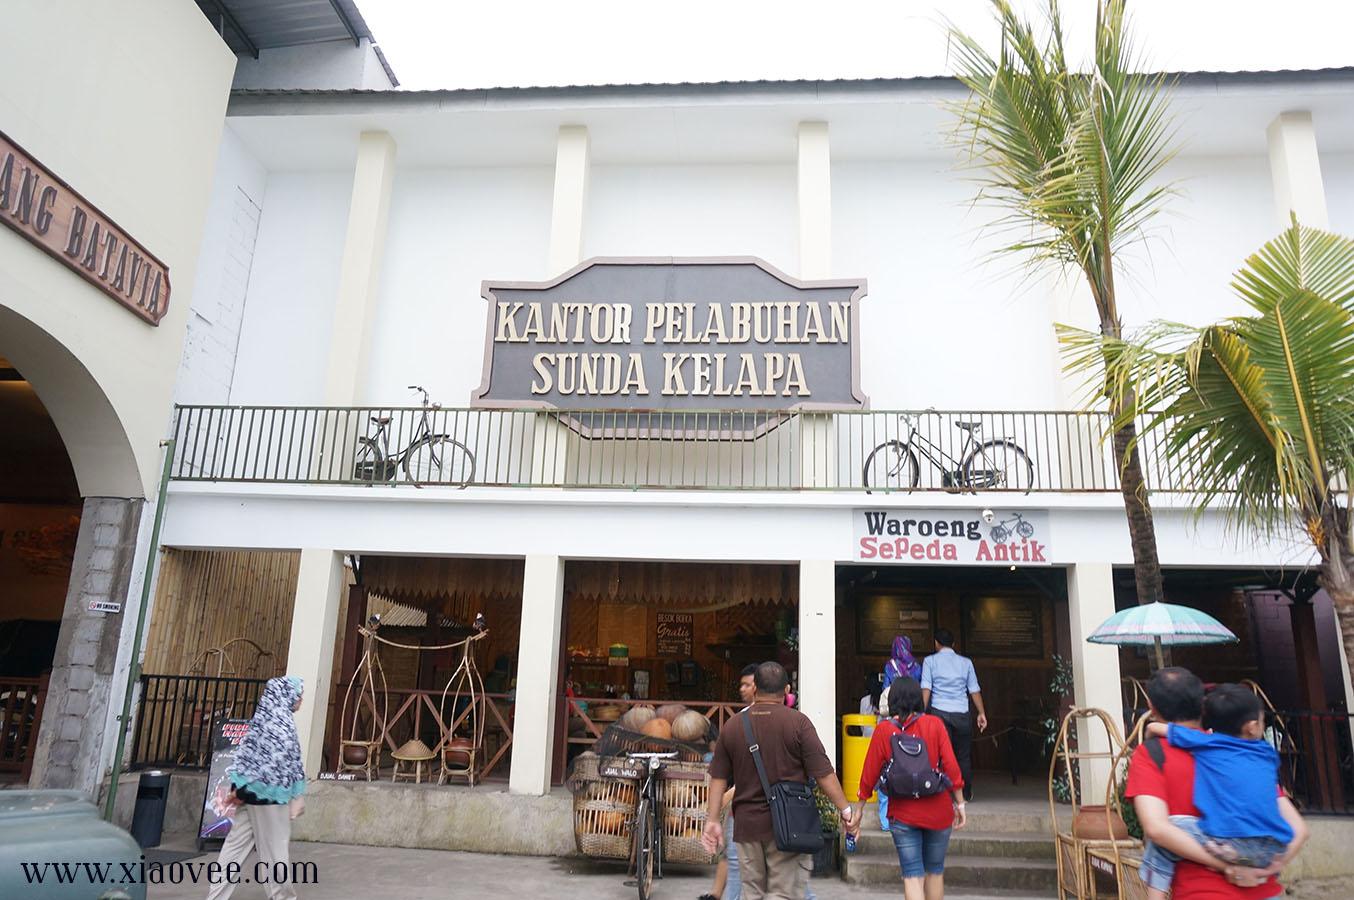 Zona Sunda Kelapa dan Batavia museum angkut